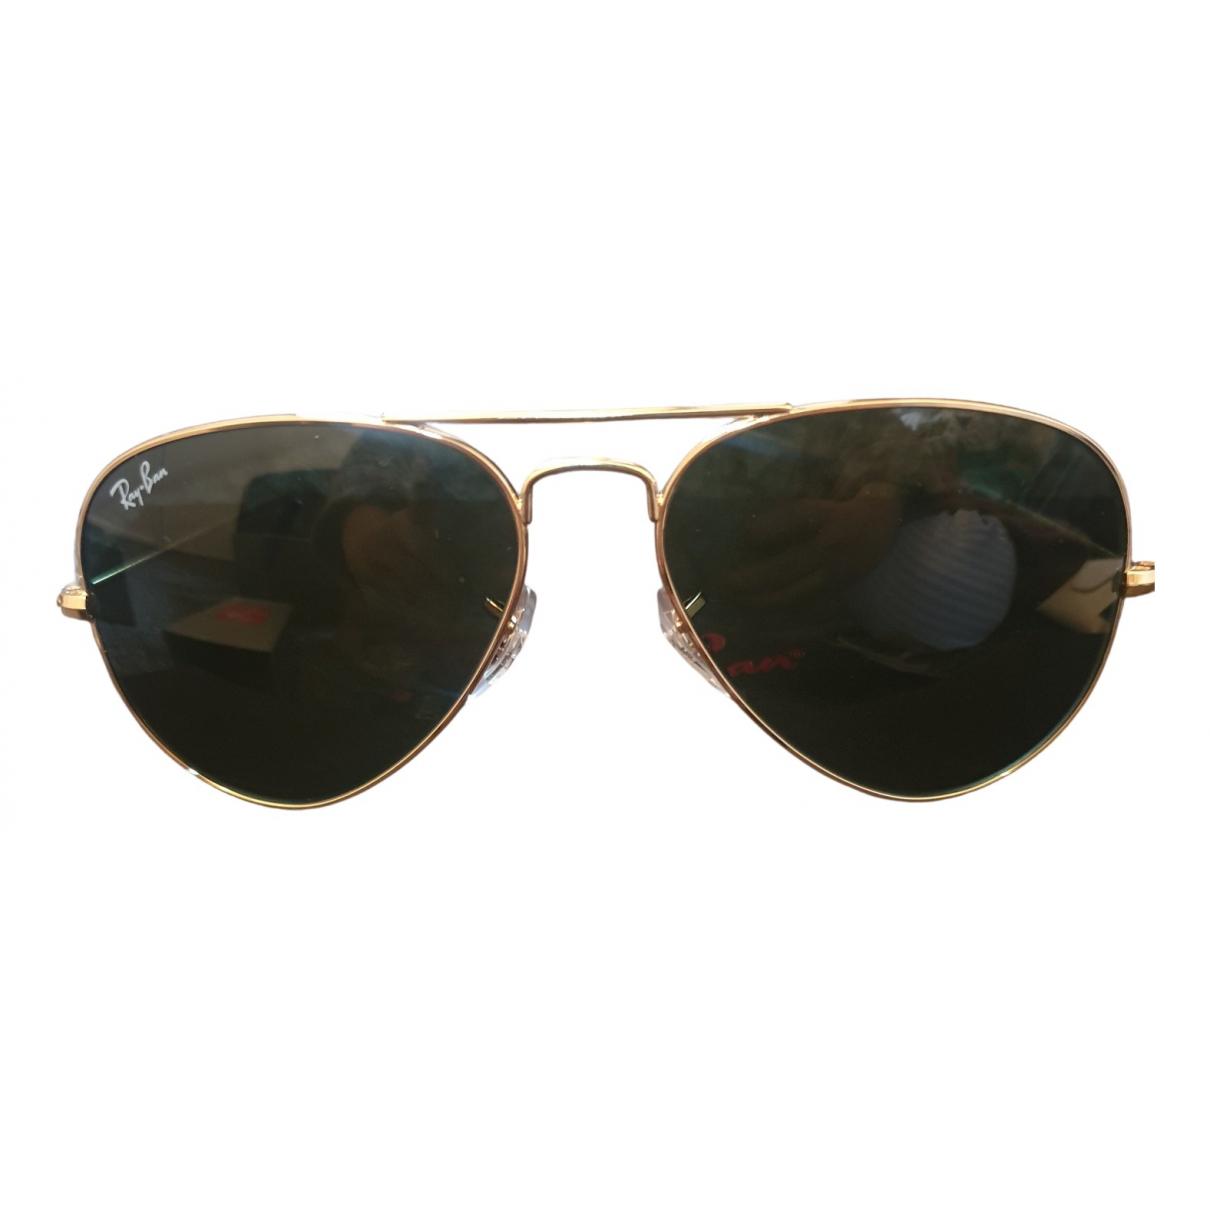 Ray-ban Aviator Sonnenbrillen Gold